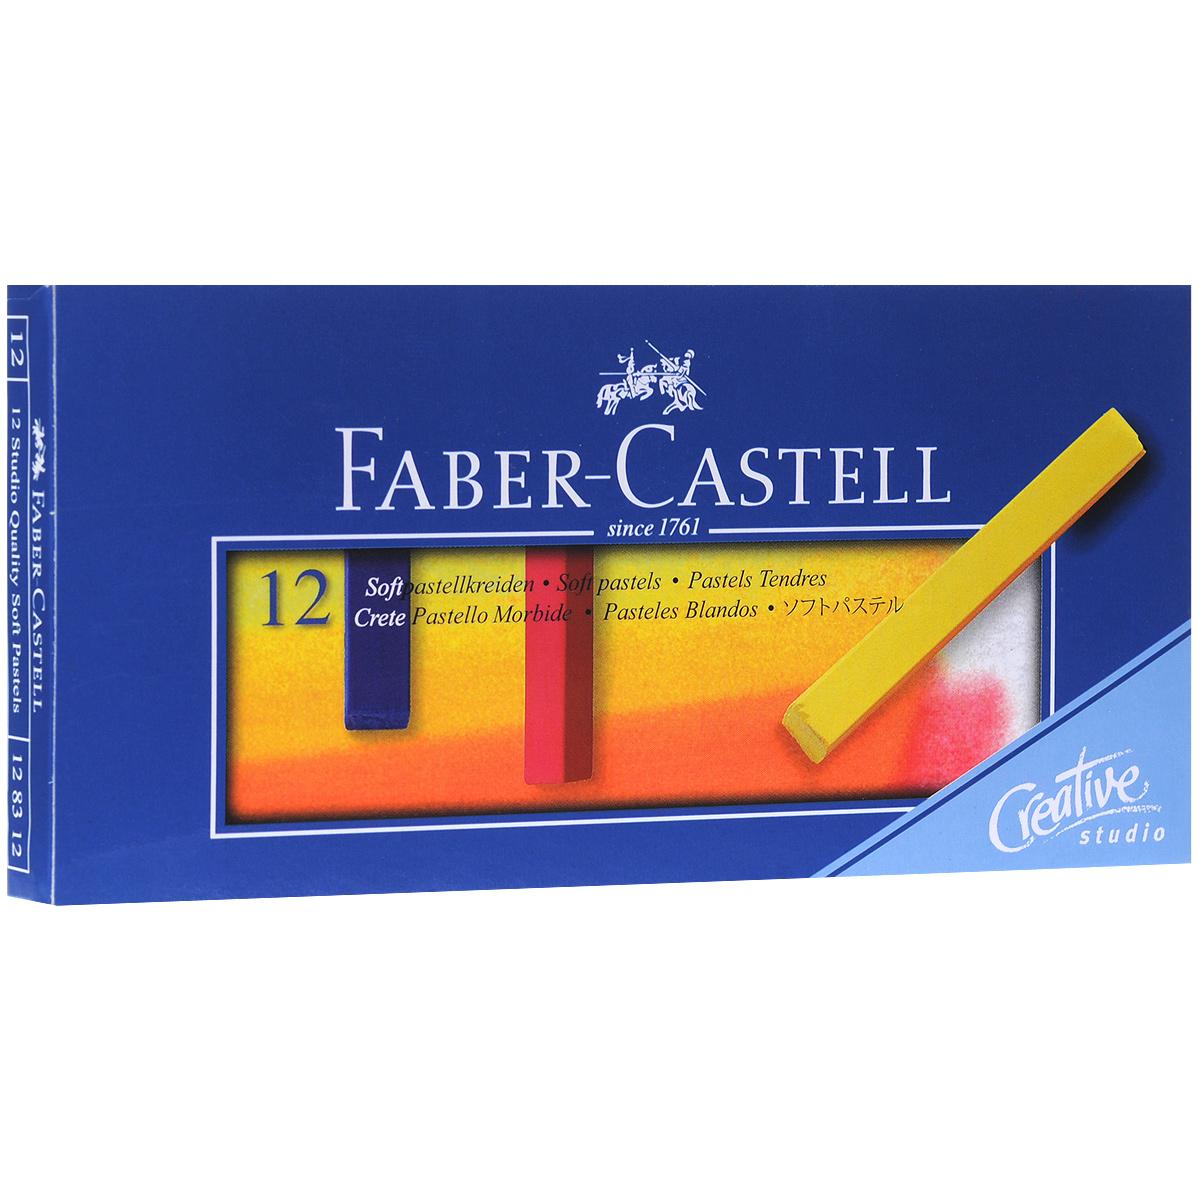 Мягкие мелки Faber-Castell Studio Quality Soft Pastels, 12 шт128312Набор Faber-Castell Studio Quality Soft Pastels содержит мягкие мелки квадратной формы 12 ярких насыщенных цветов. Каждый мелок обернут в бумажную гильзу. Мелки великолепного качества не крошатся при работе, обладают отличными кроющими свойствами, обеспечивают хорошее сцепление с поверхностью, яркость и долговечность изображения. Мягкими мелками Faber-Castell Studio Quality Soft Pastels можно рисовать в любой технике, сочетая их с цветными карандашами и красками.